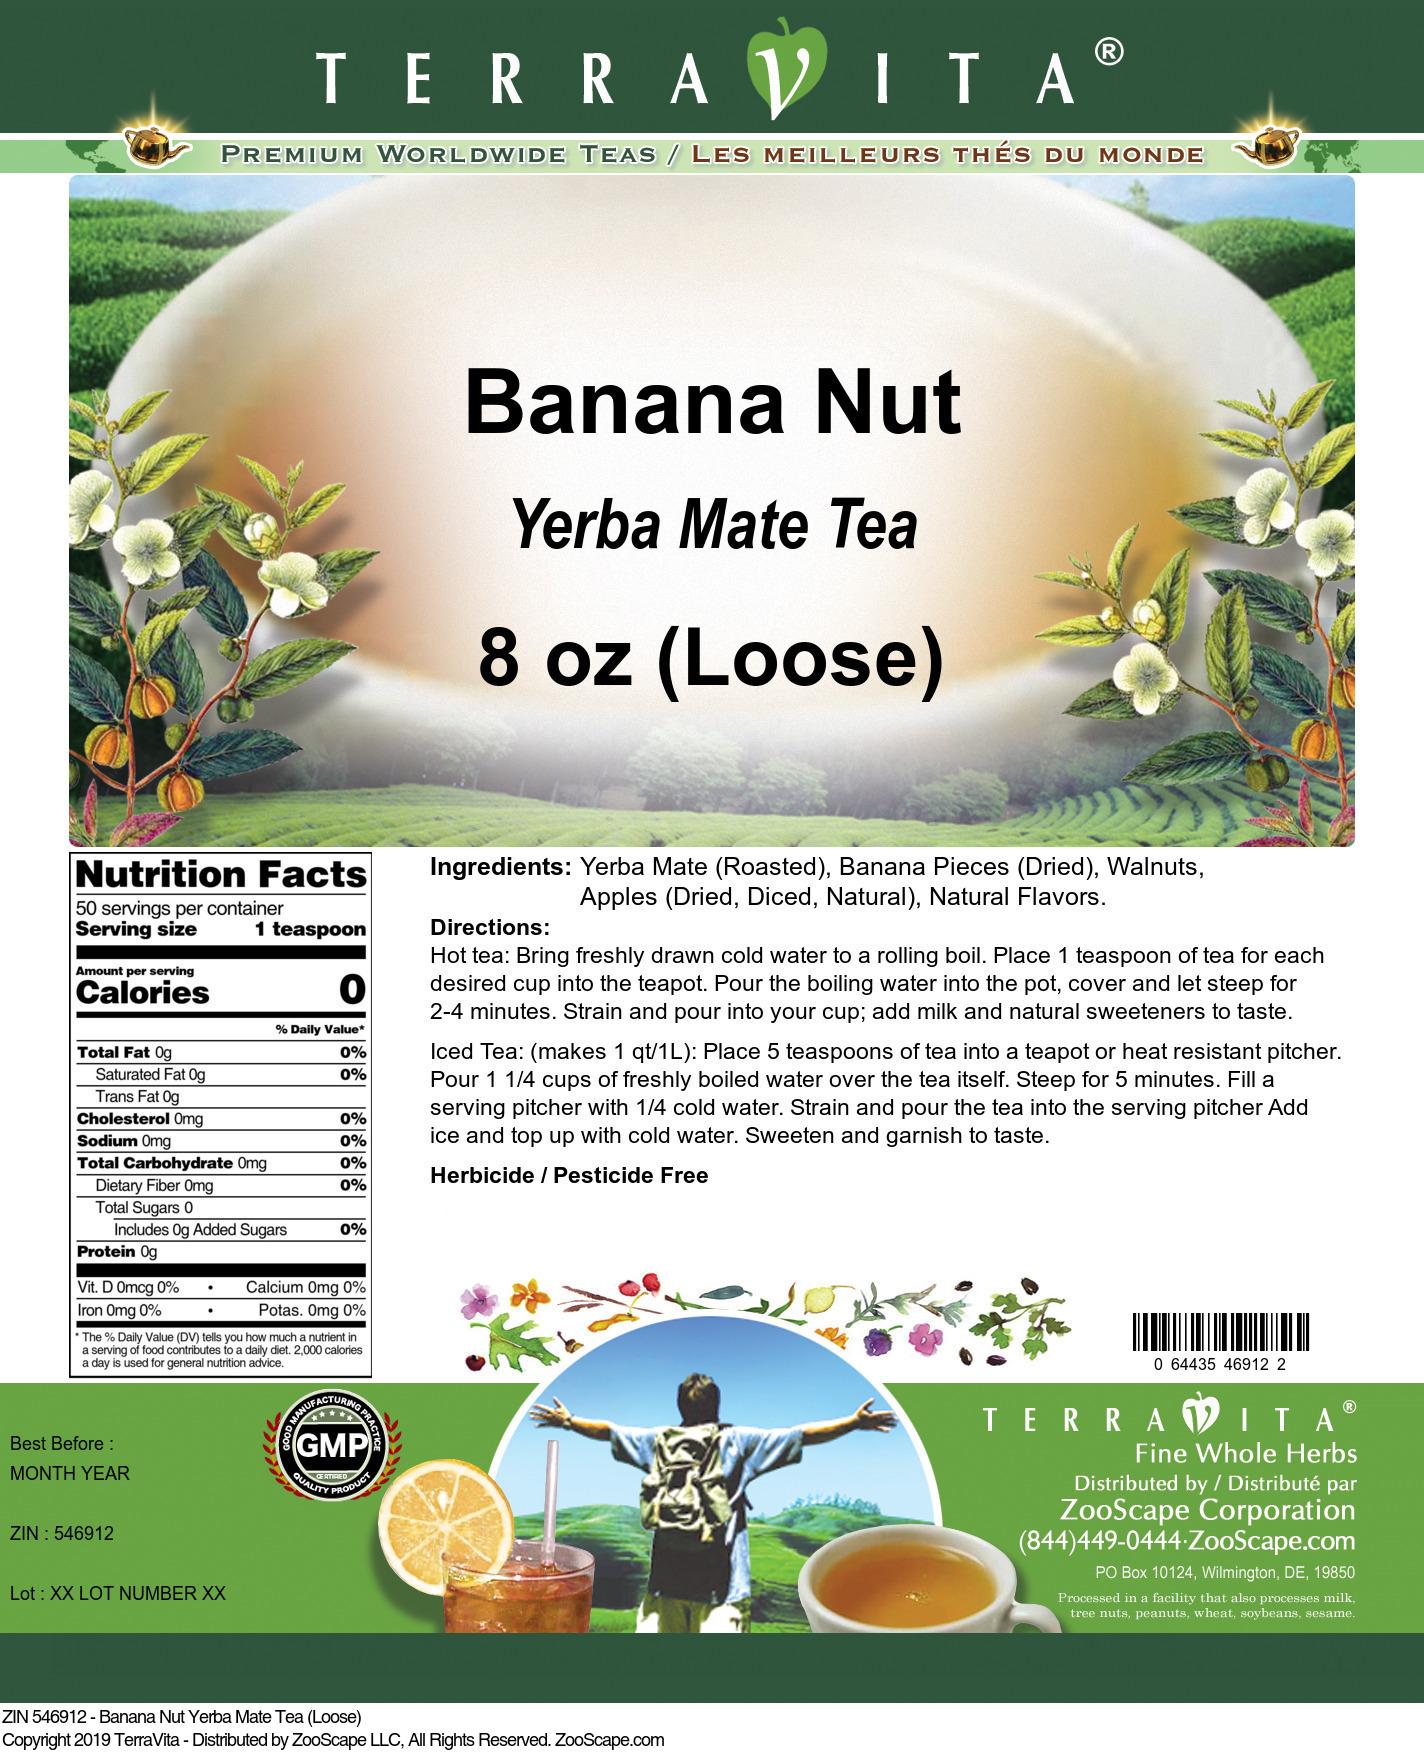 Banana Nut Yerba Mate